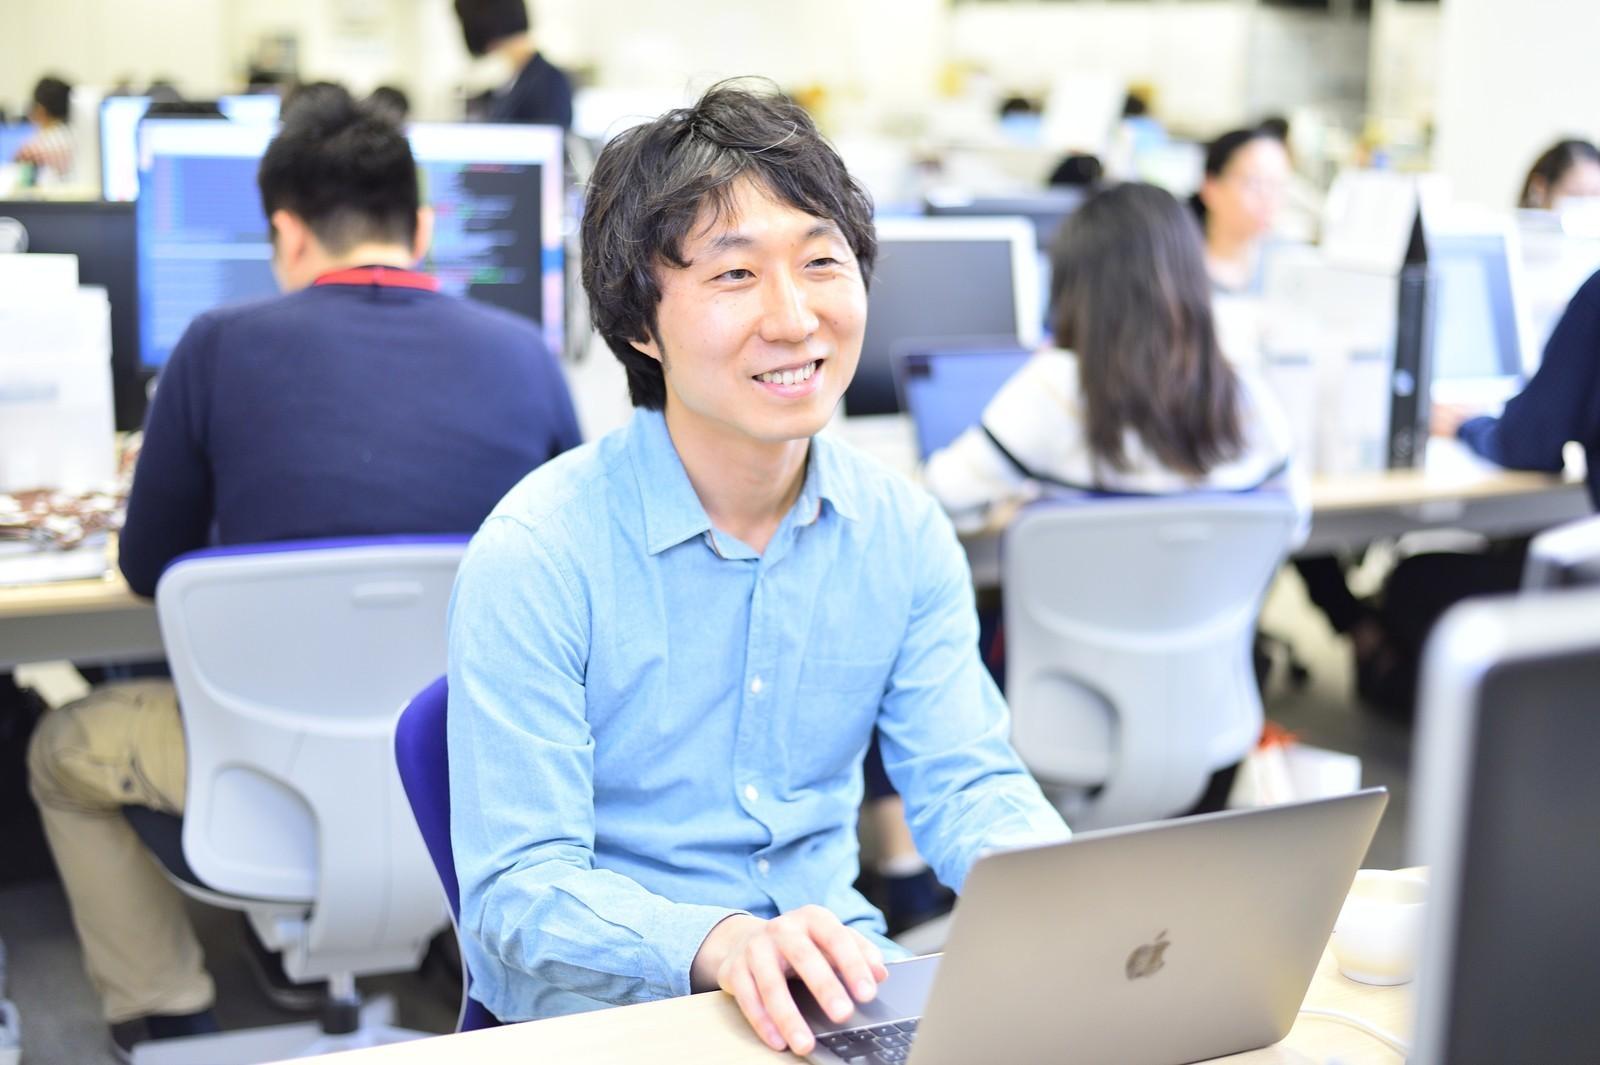 不動産Webサービスのエンジニア(Webアプリ開発)を募集!